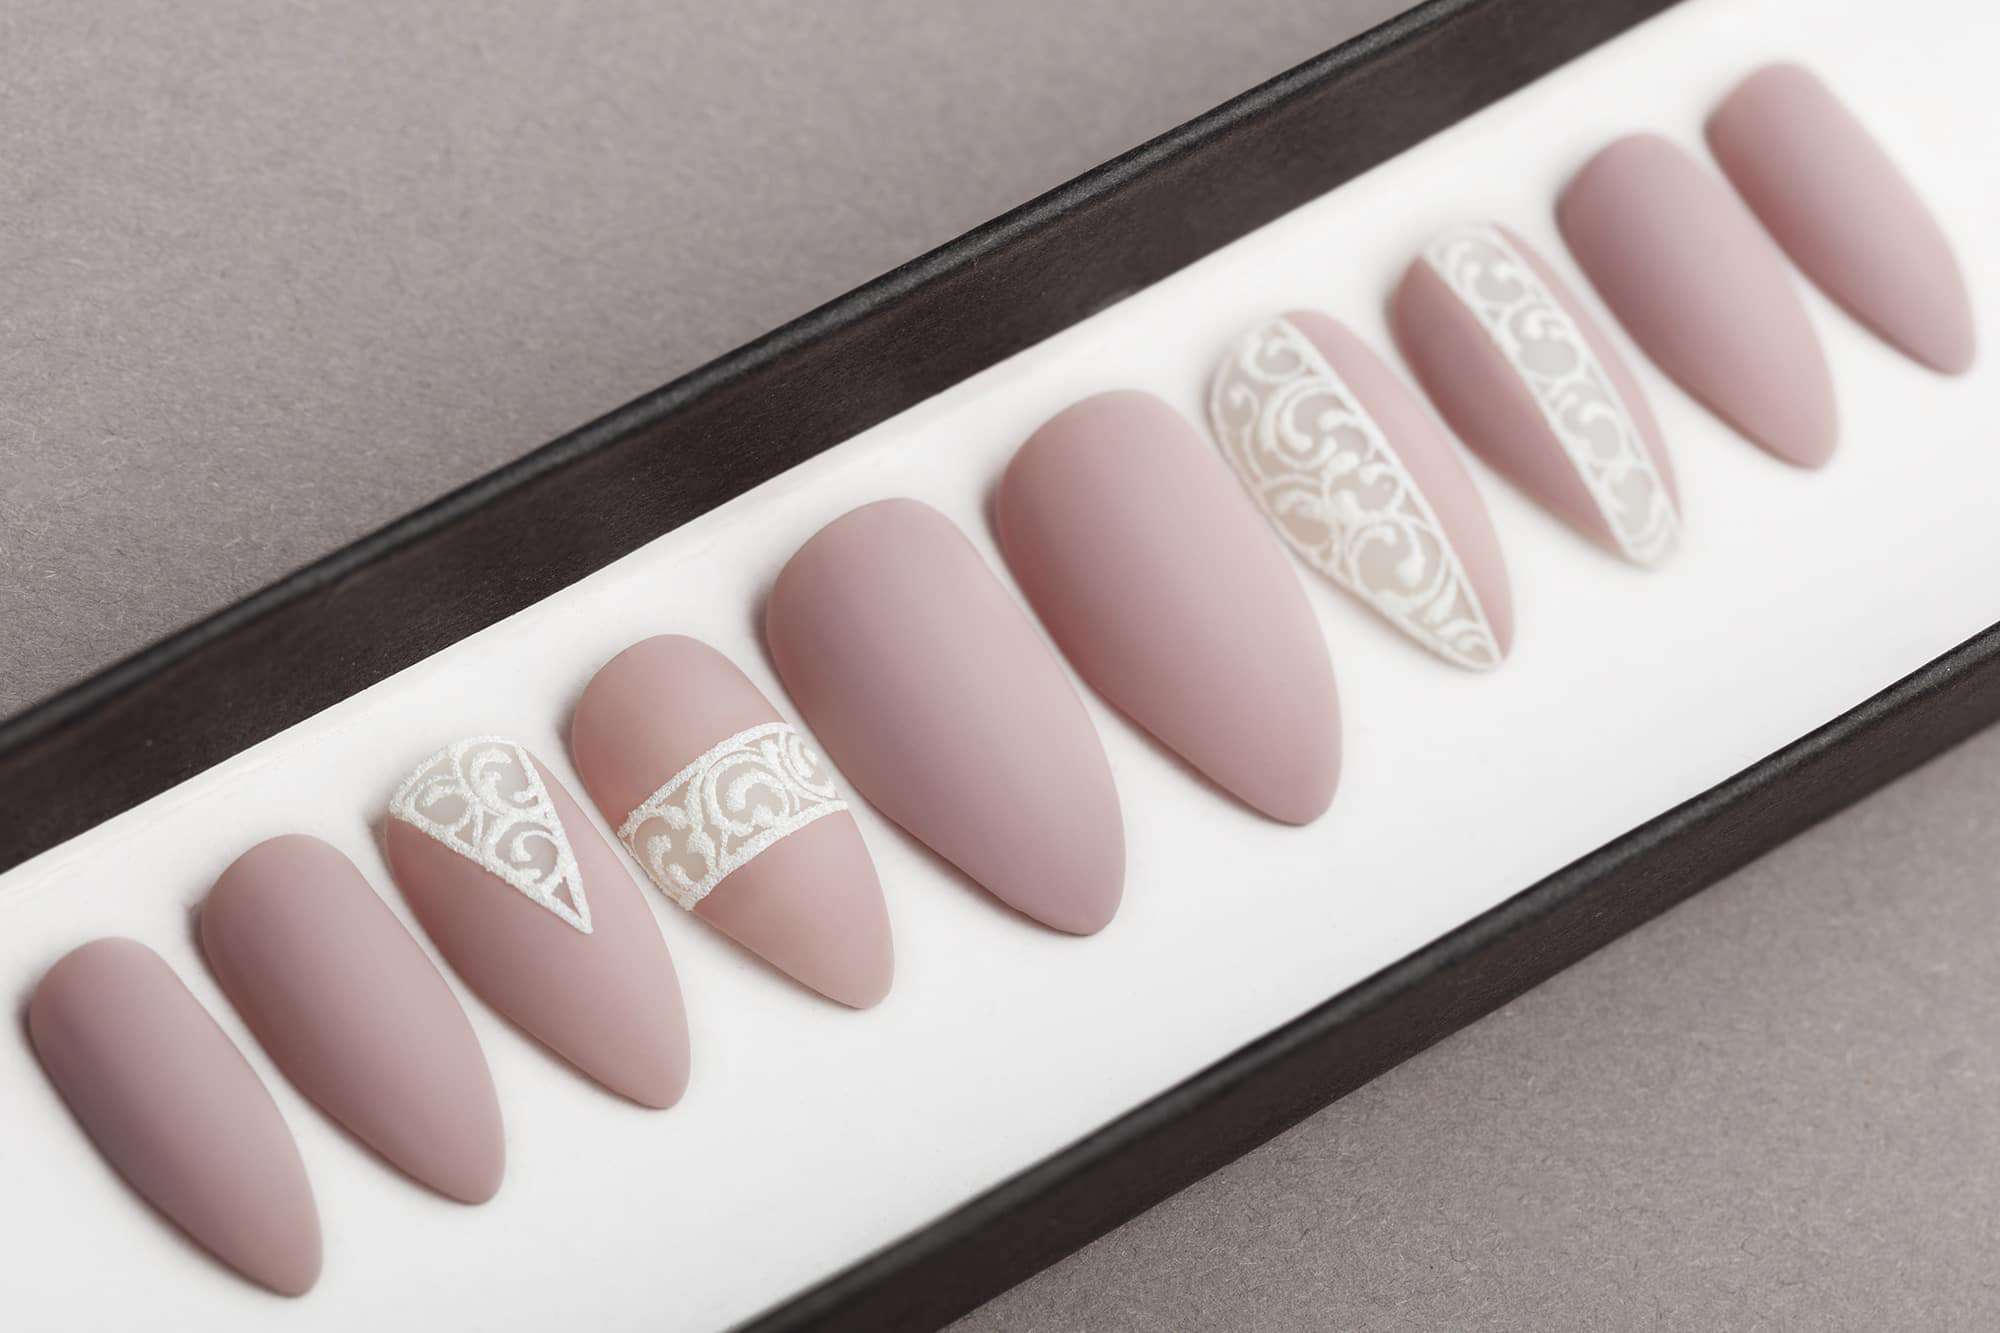 Mocco Press on Nails | Fake nails | Laces | Hand painted nail art | False Nails